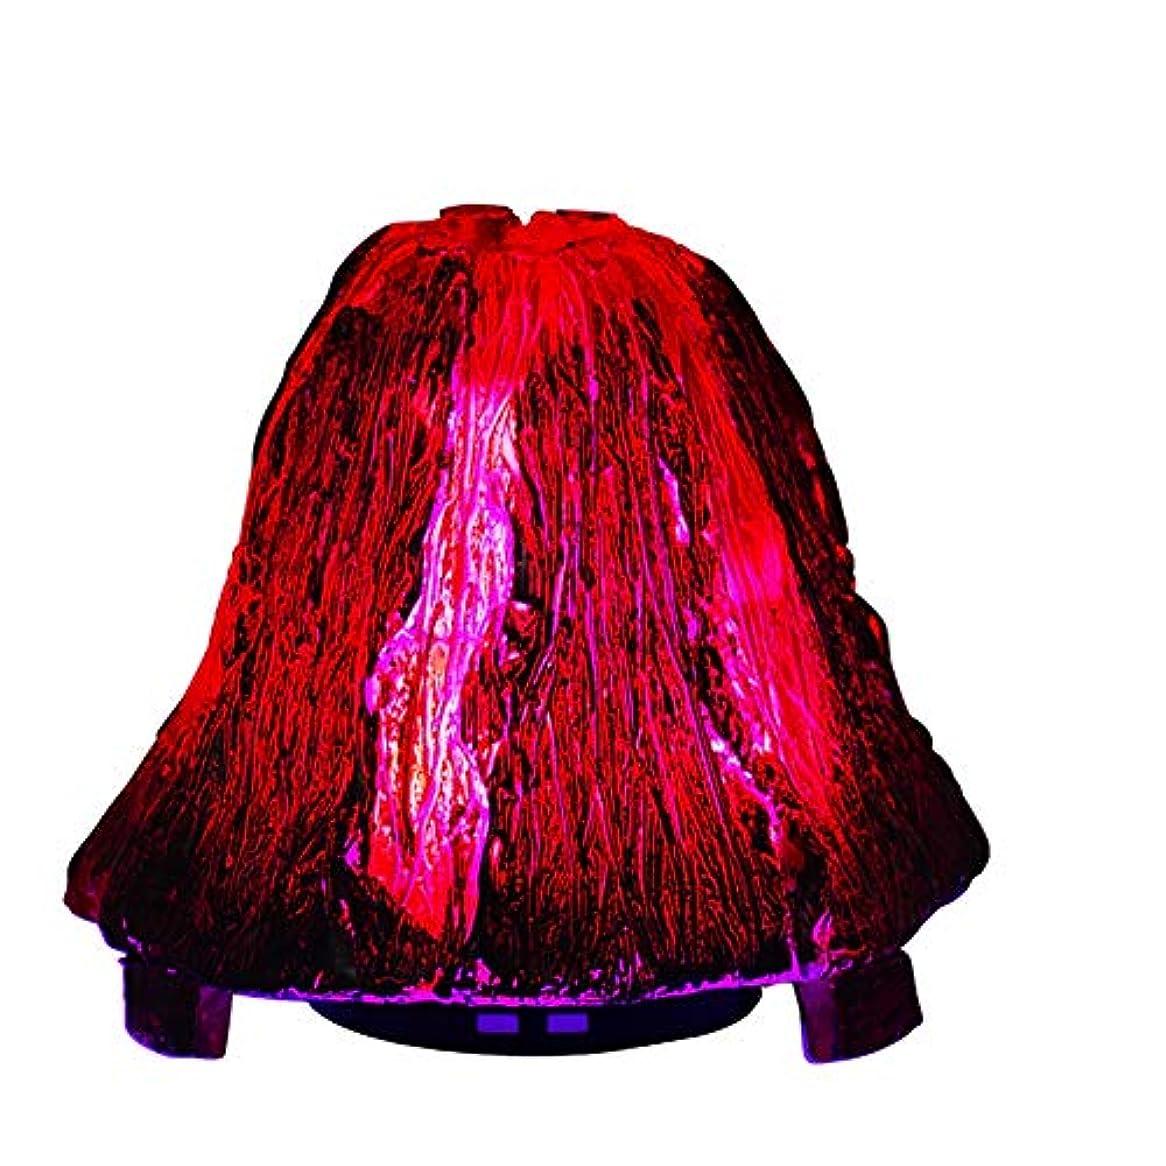 ベル慢性的礼拝オリジナリティ火山のエッセンシャルオイルディフューザー、120mlアロマセラピー超音波クールミスト加湿器、7色LEDライト付きウォーターレスオートオフ